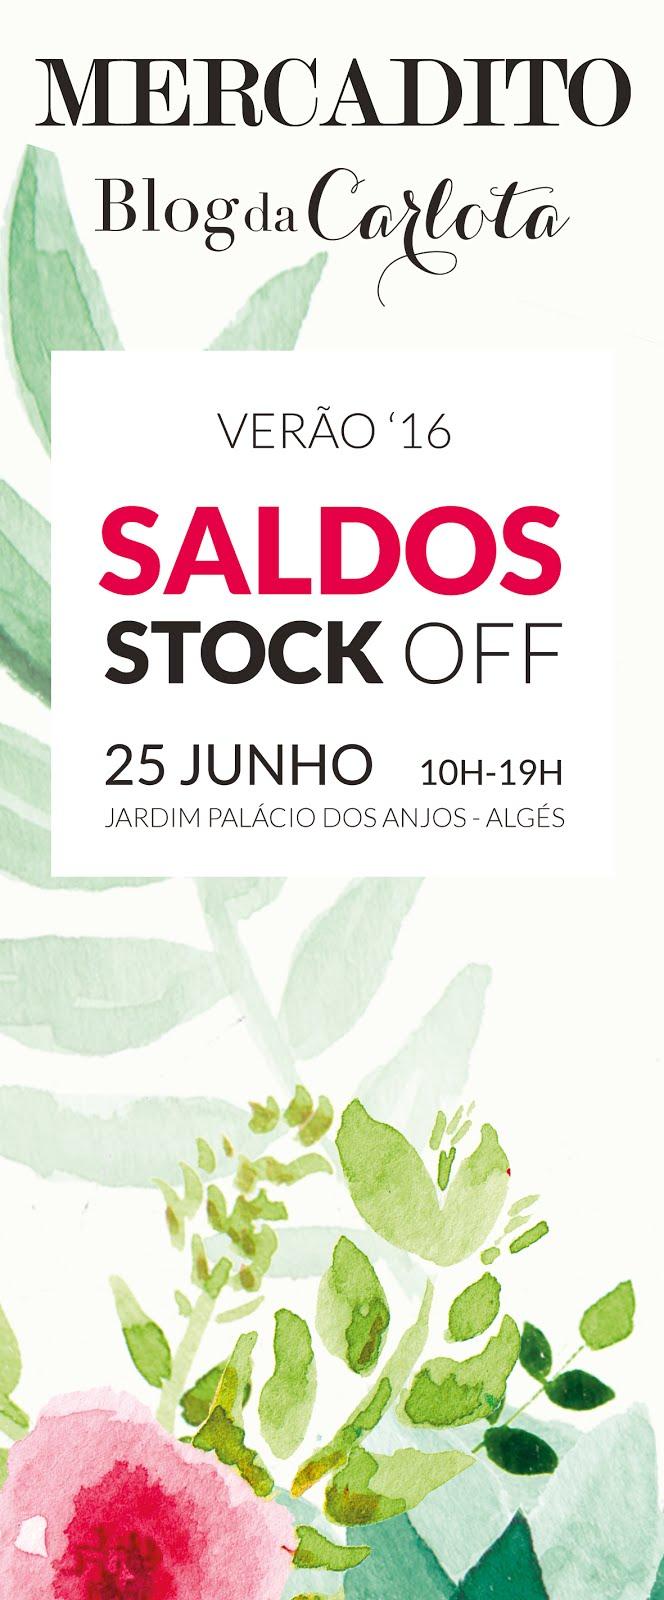 SALDOS coleção de VERÃO & STOCKOFF - 25 JUNHO